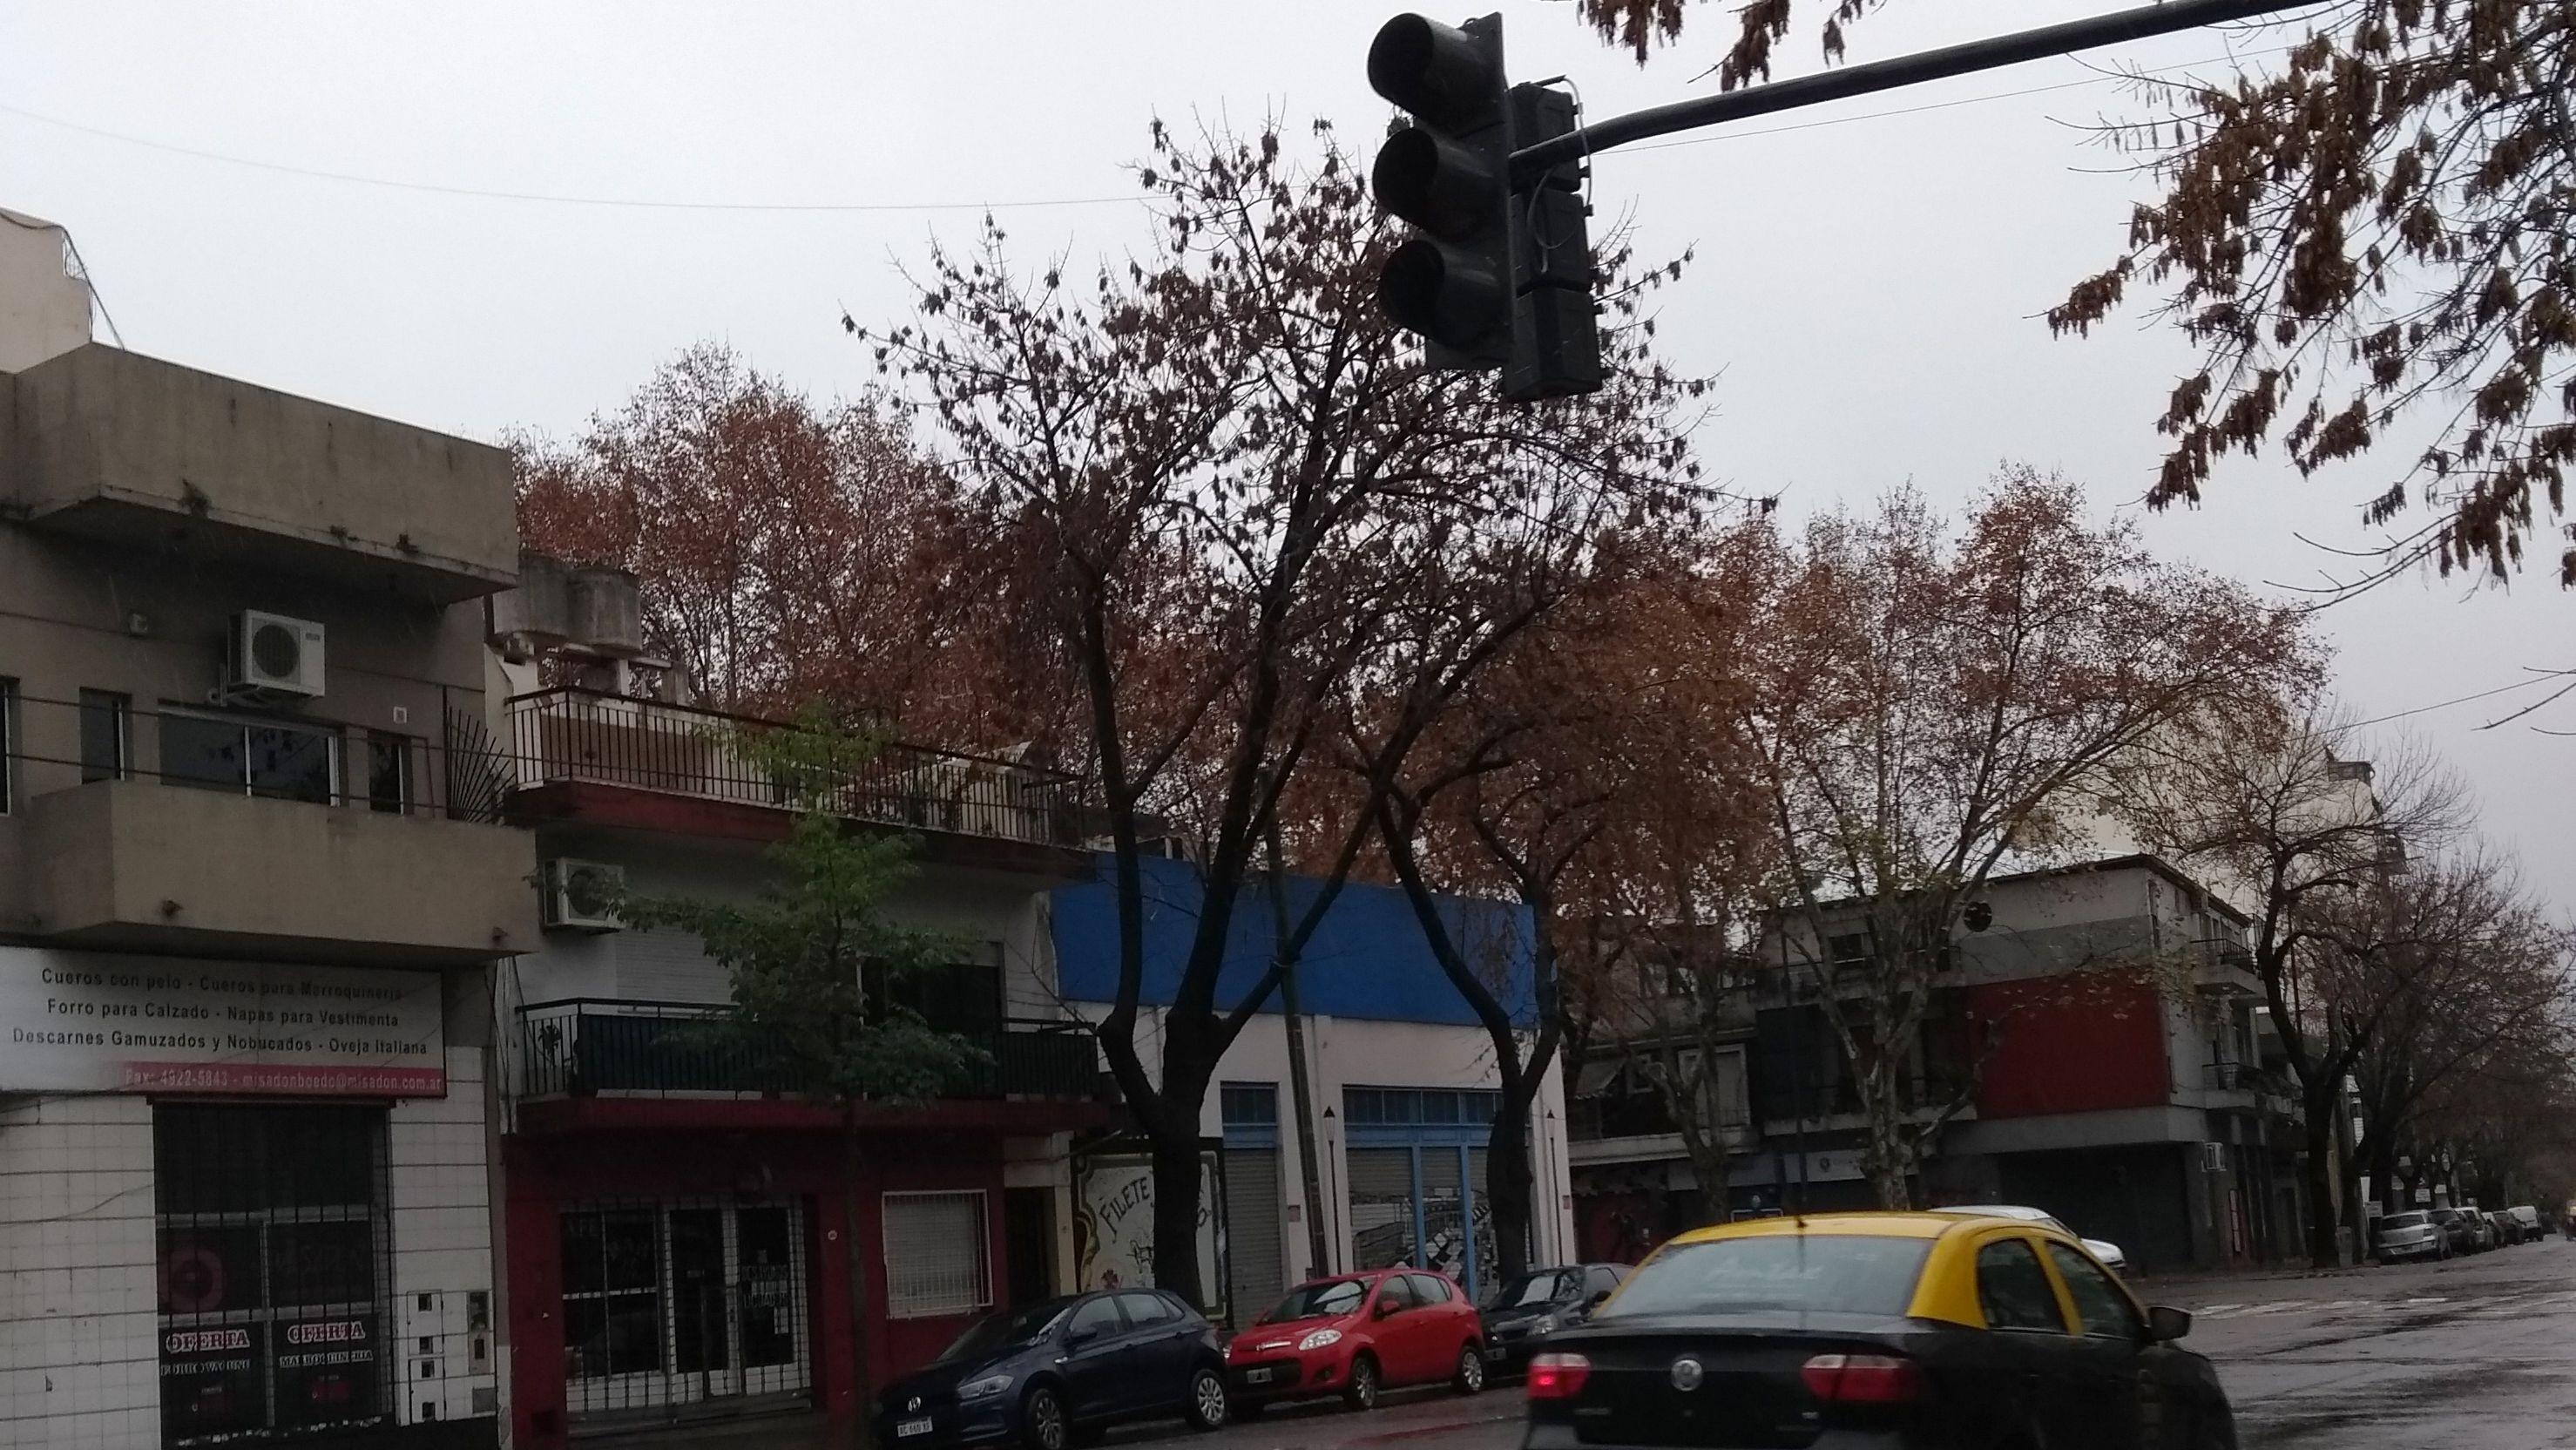 Fast ganz Argentinien und Uruguay sind sein Sonntag Früh ohne Strom. Mittlerweile läuft die Versorgung aber langsam wieder an.